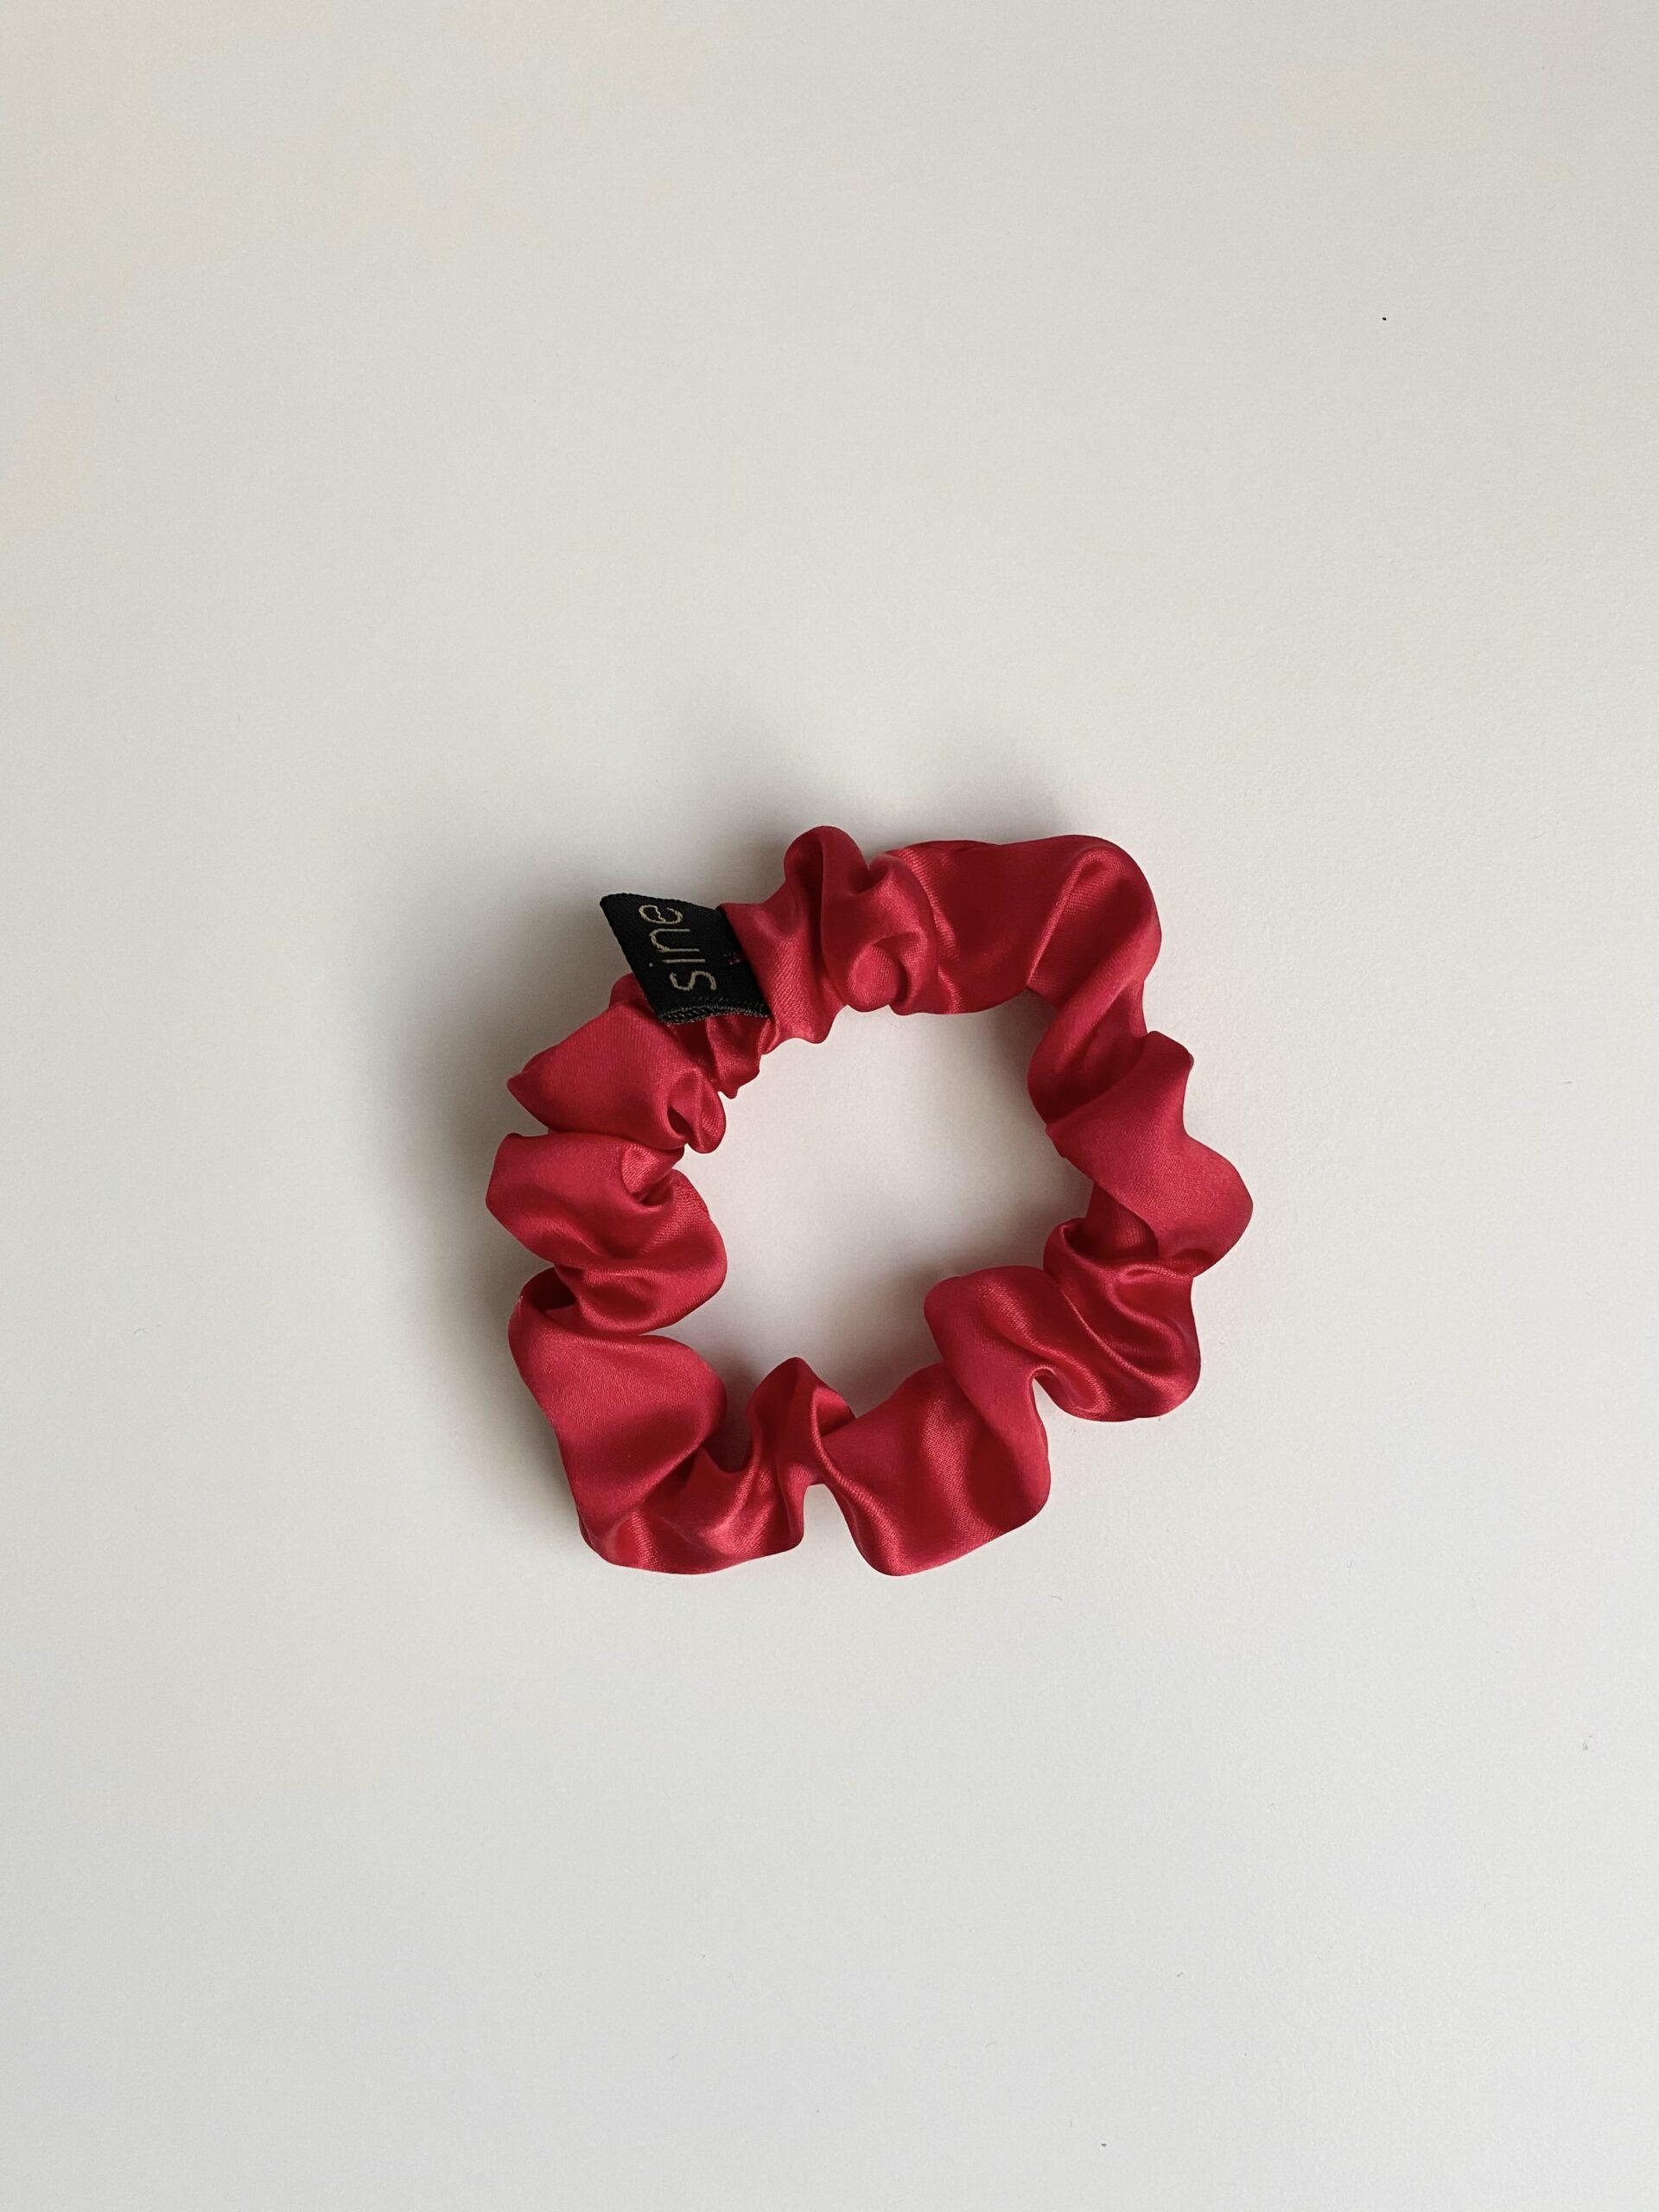 Jedwabna gumka do włosów | RED - Sine Silk | JestemSlow.pl